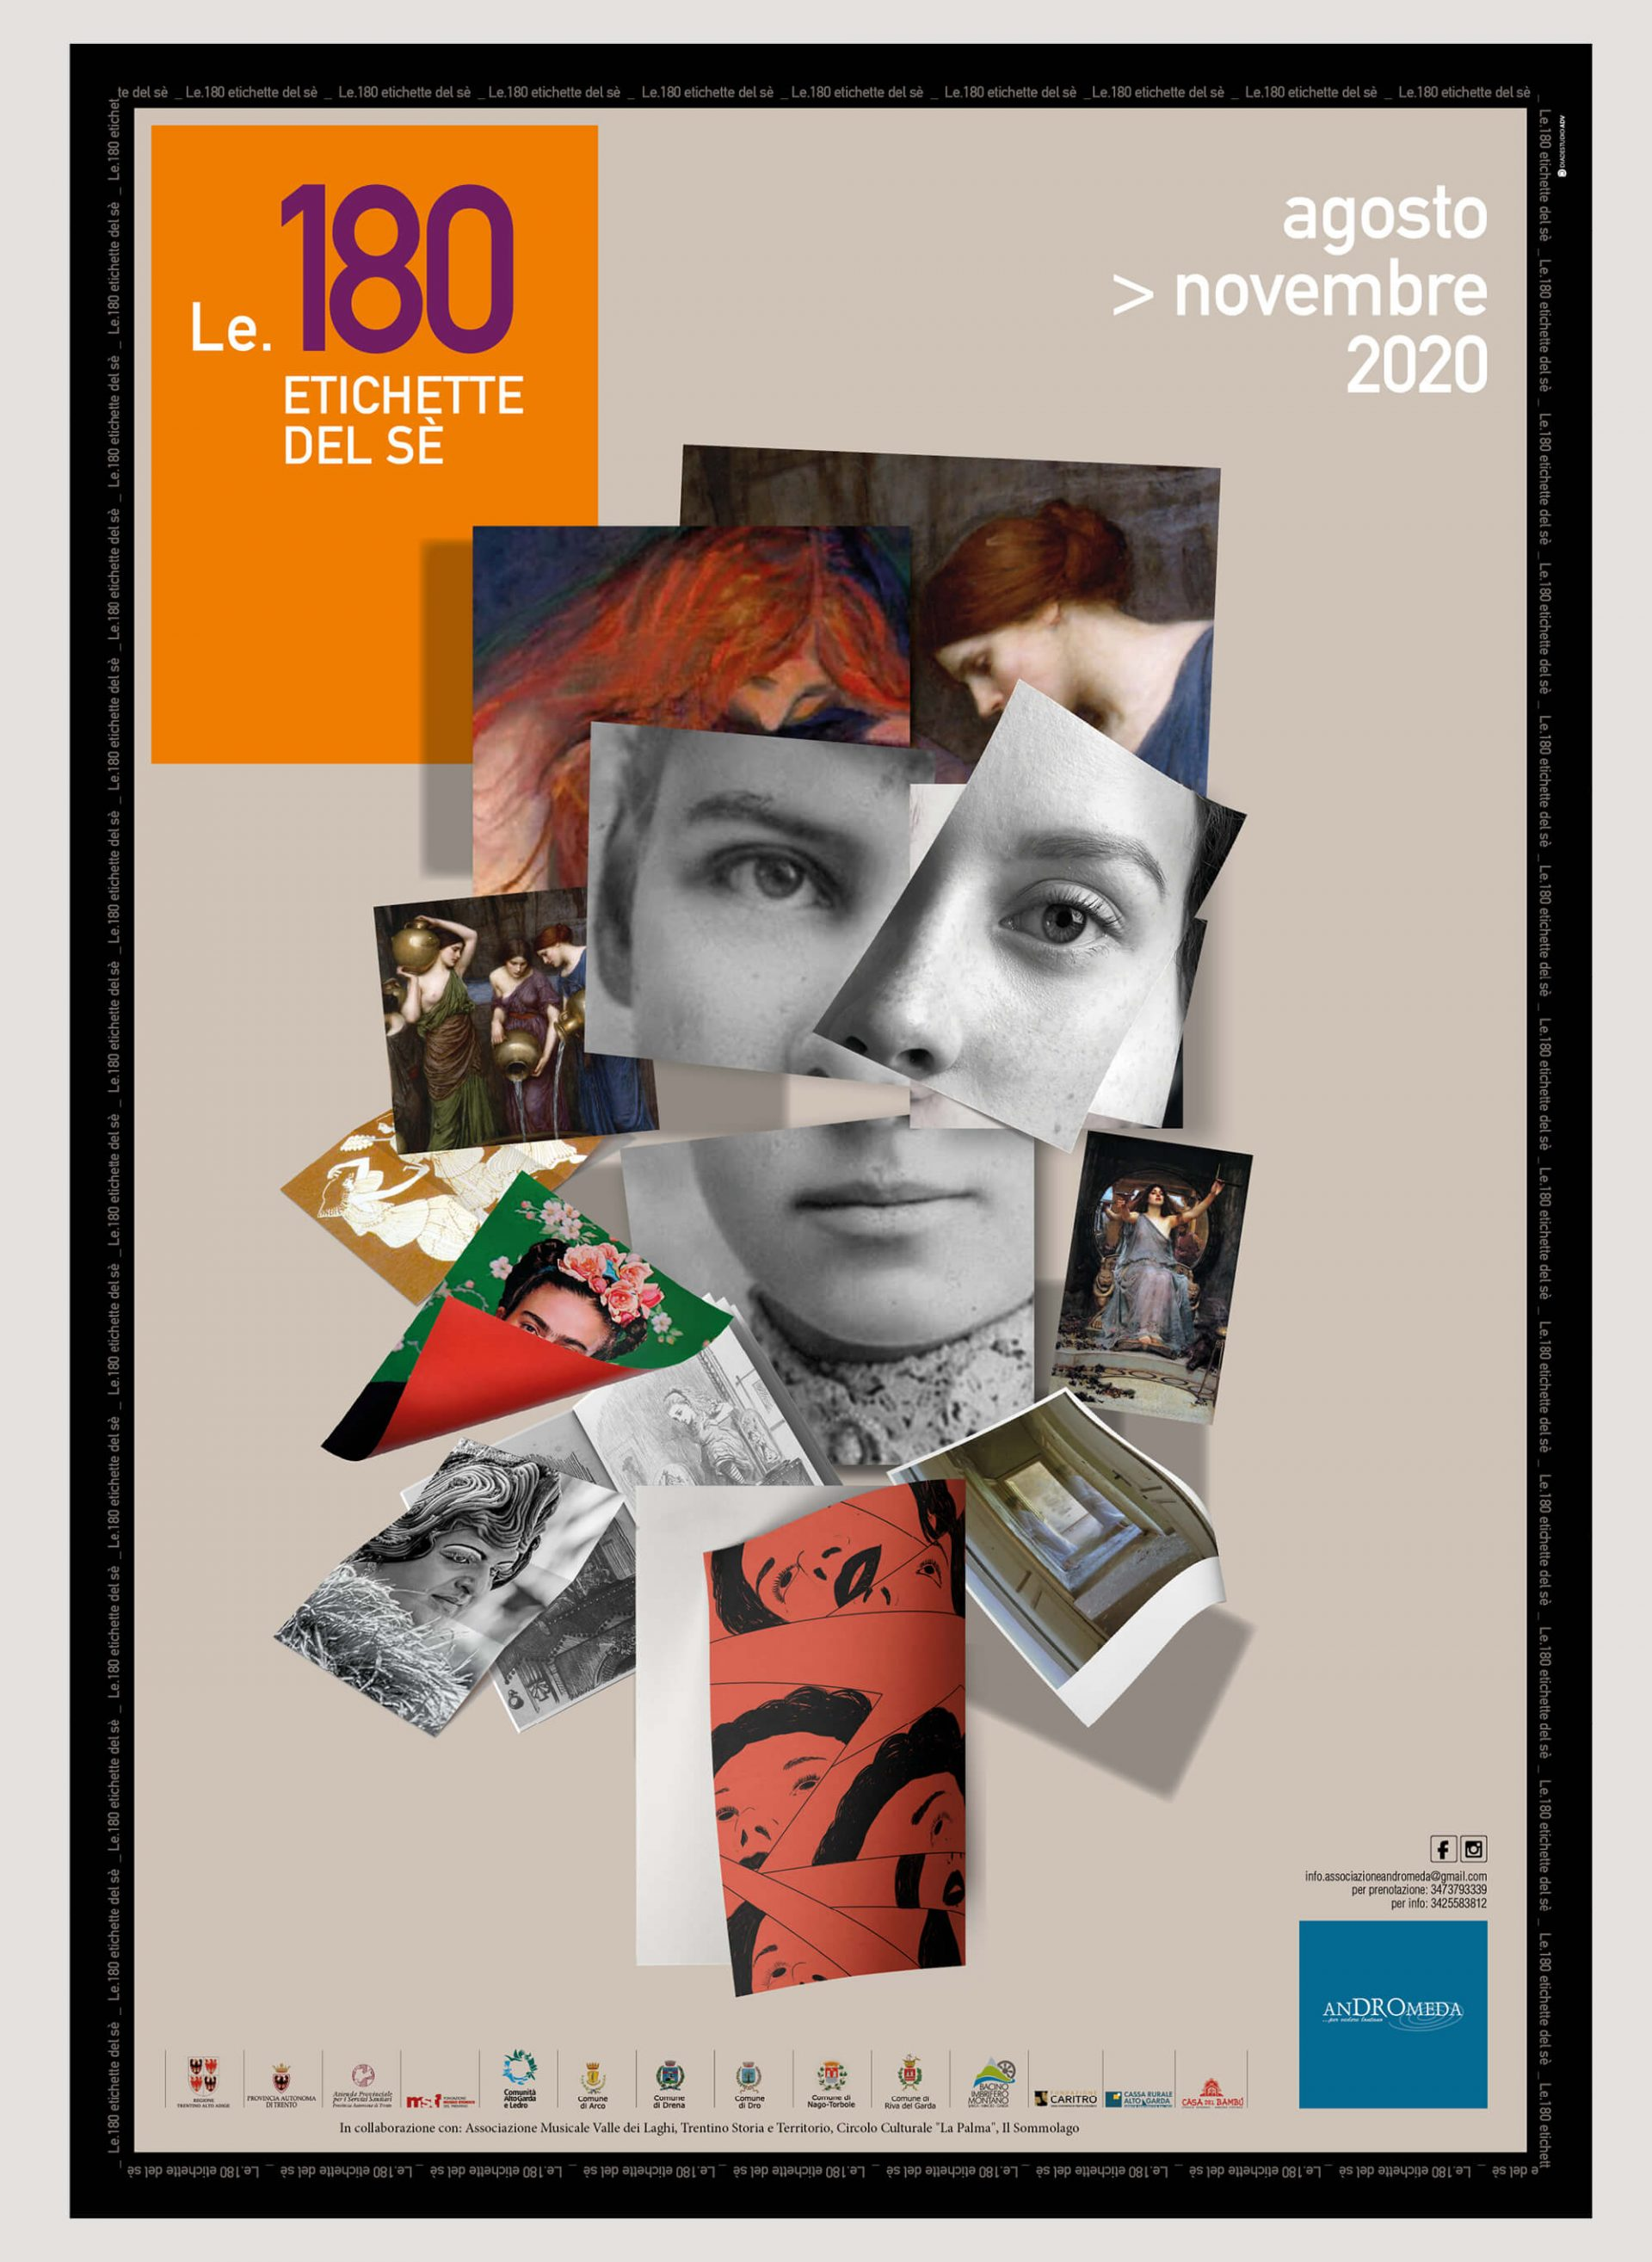 poster progettato per la rassegna Le 180 Etichette del Se di Andromeda, parte dell'immagine coordinata ideata dallo studio di comunicazione diade studio Arco Tn